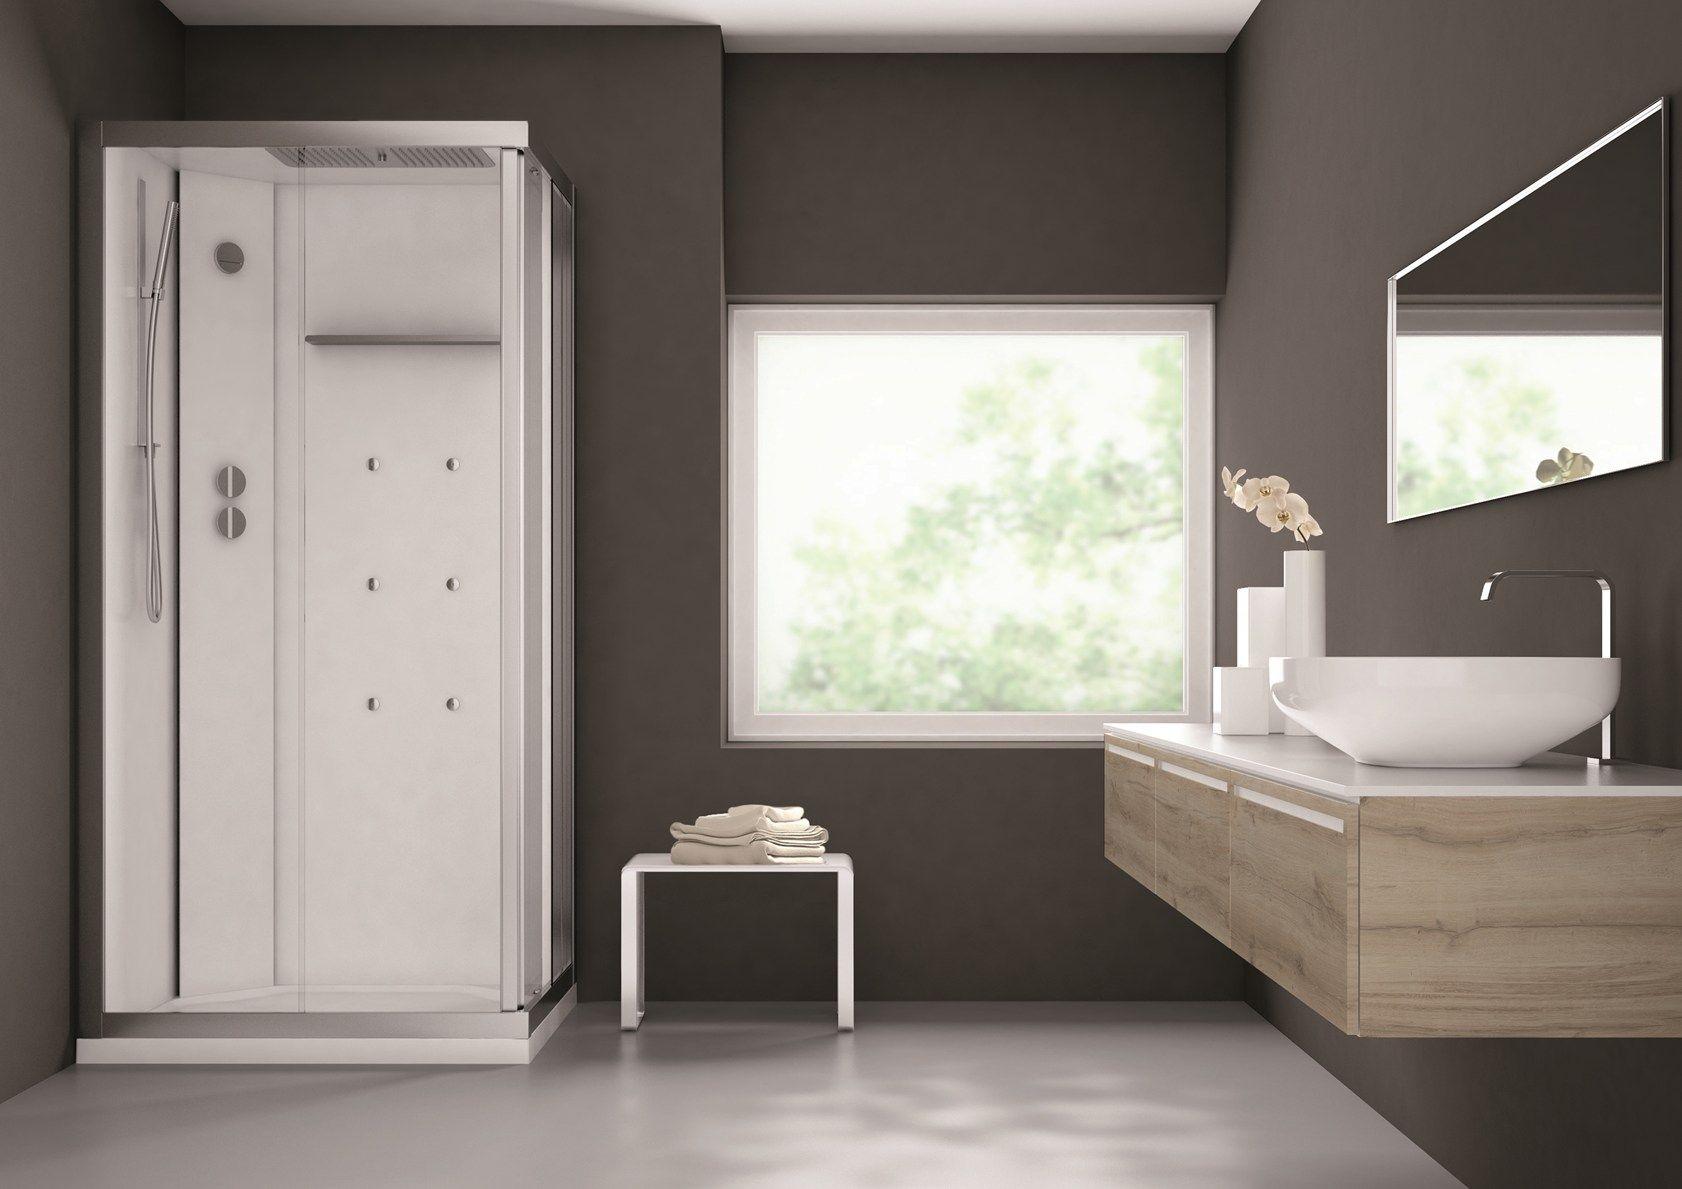 Cabine Doccia Multifunzione : Cabina doccia multifunzione teuco a padova e vicenza